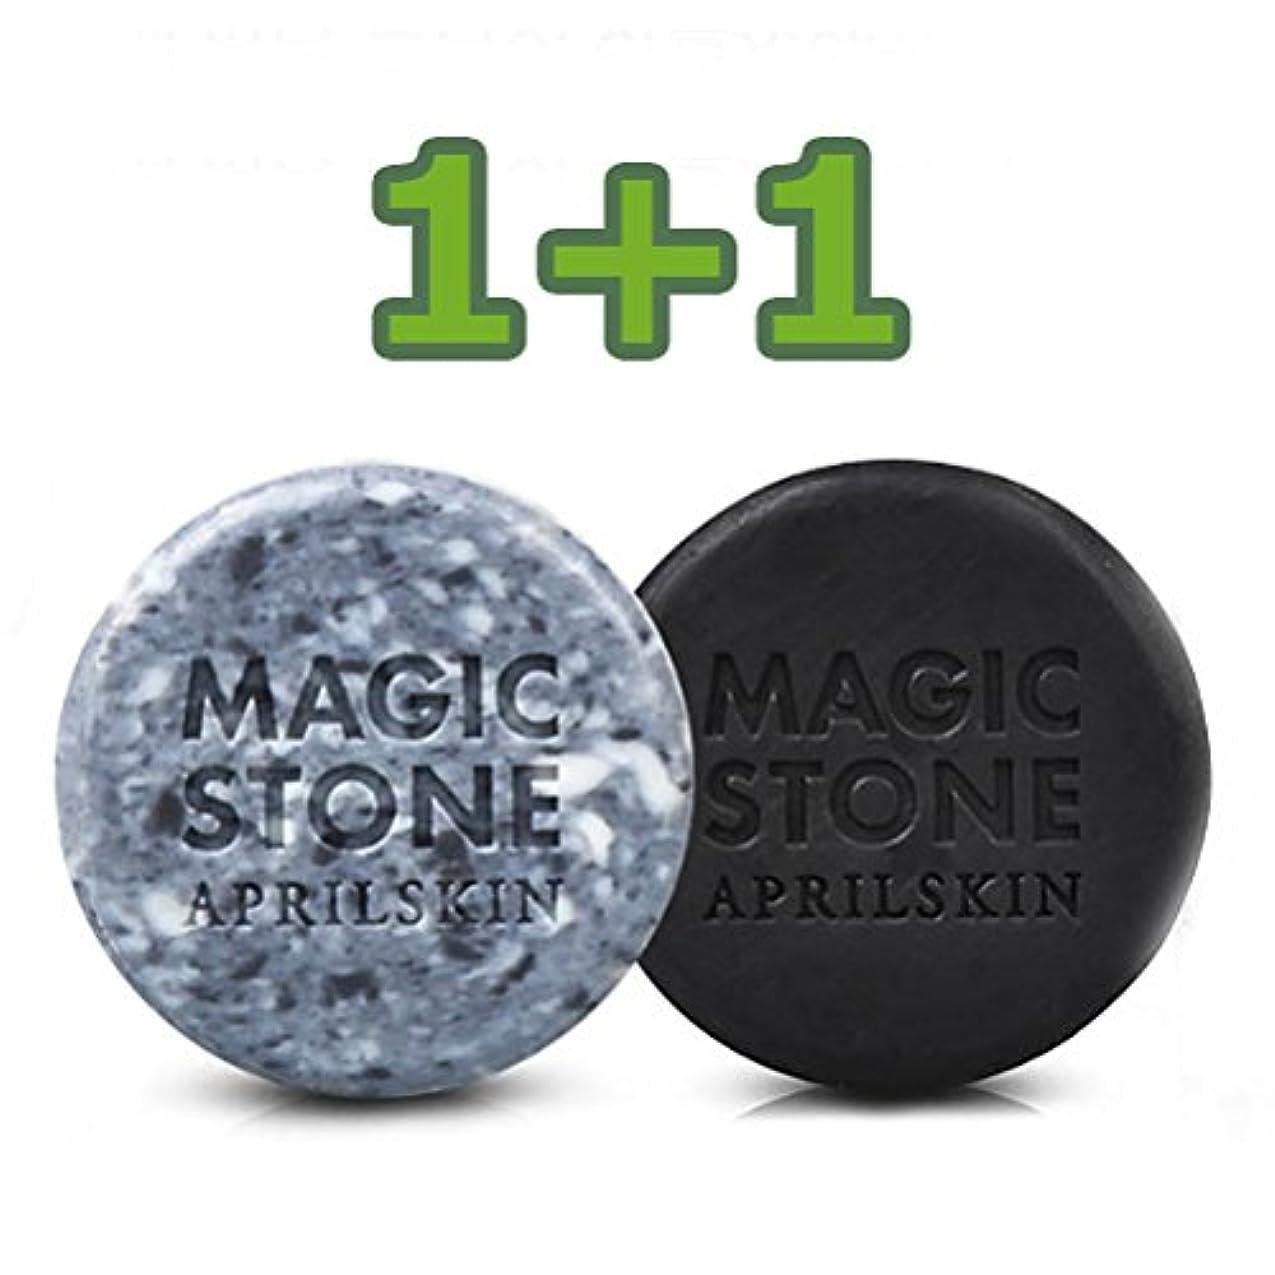 つぼみ乱れペストエイプリルスキン マジックストーンソープ オリジナル&ブラック (Aprilskin Magic Stone Soap Original & Black) 90g * 2個 / 正品?海外直送商品